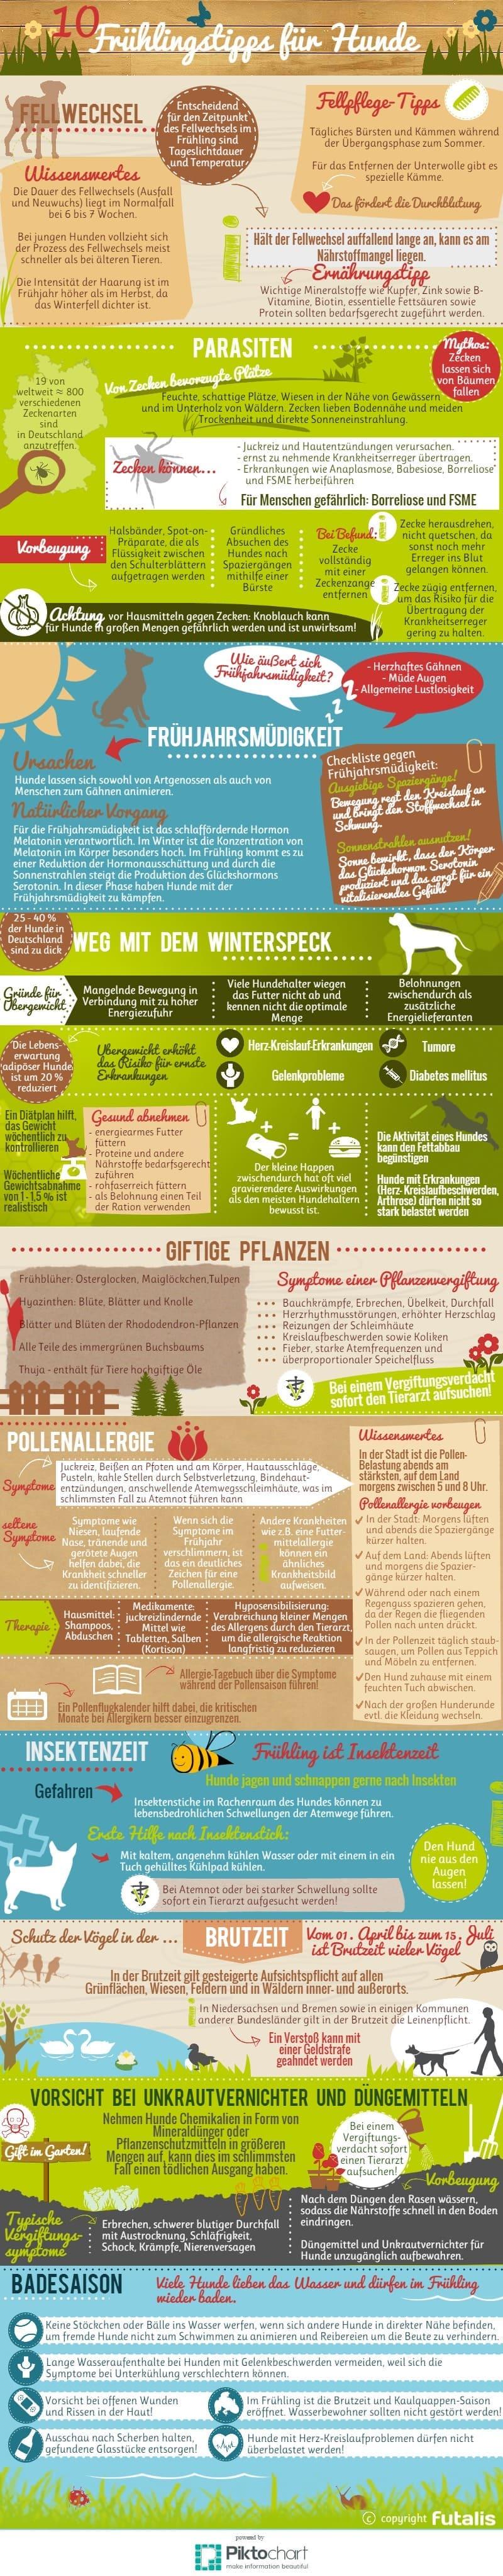 Infografik: Tipps für den Frühling mit Hund